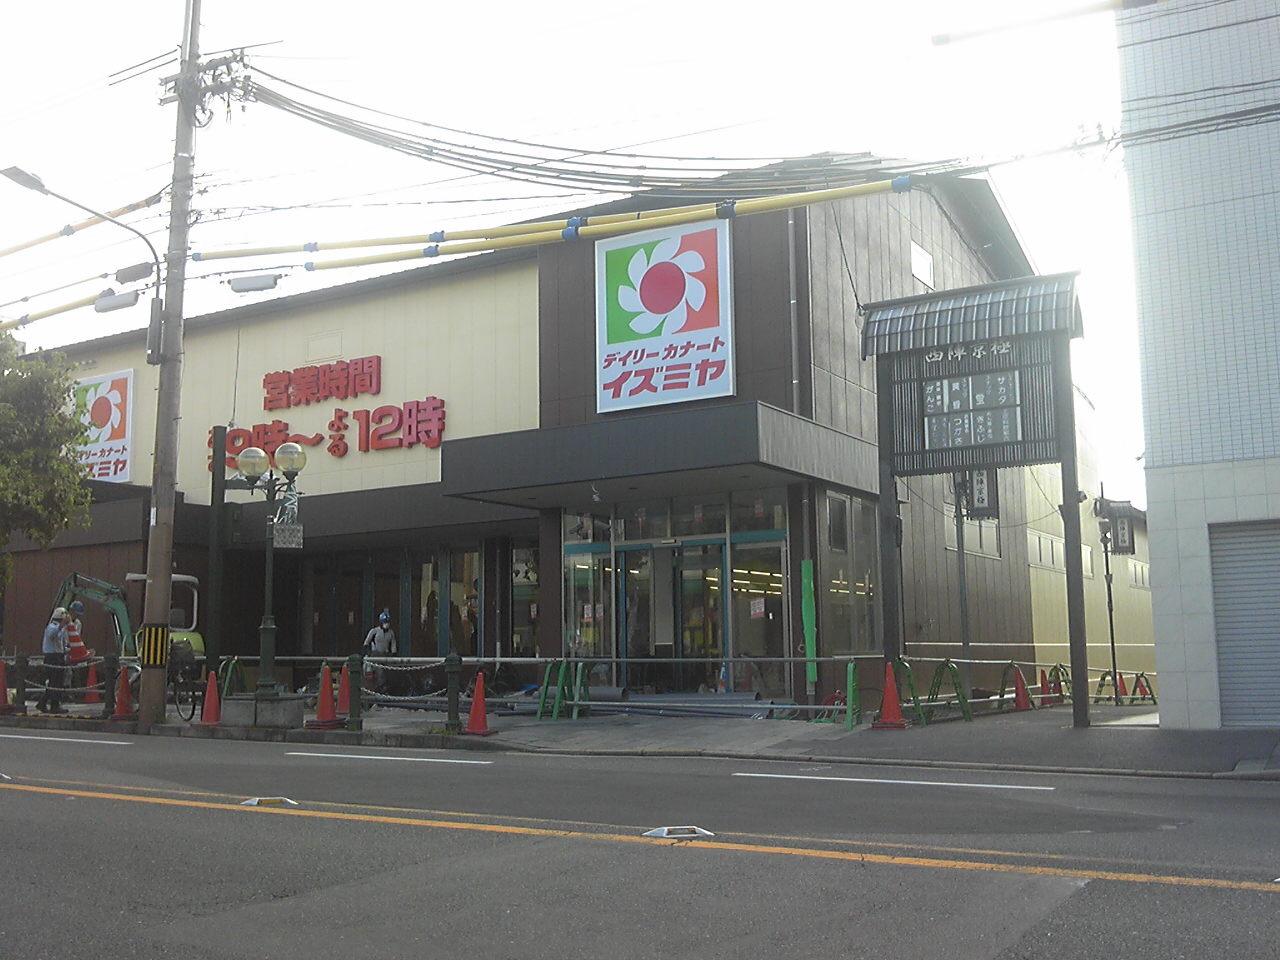 西陣京極(!)北側にイズミヤ、たしか21日開店じゃなかったっけ?急ピッチで工事中。わたし的にはこのイズミヤの北隣の松井食堂と天Qが生き残っていることを歓迎するわけなんだけど。